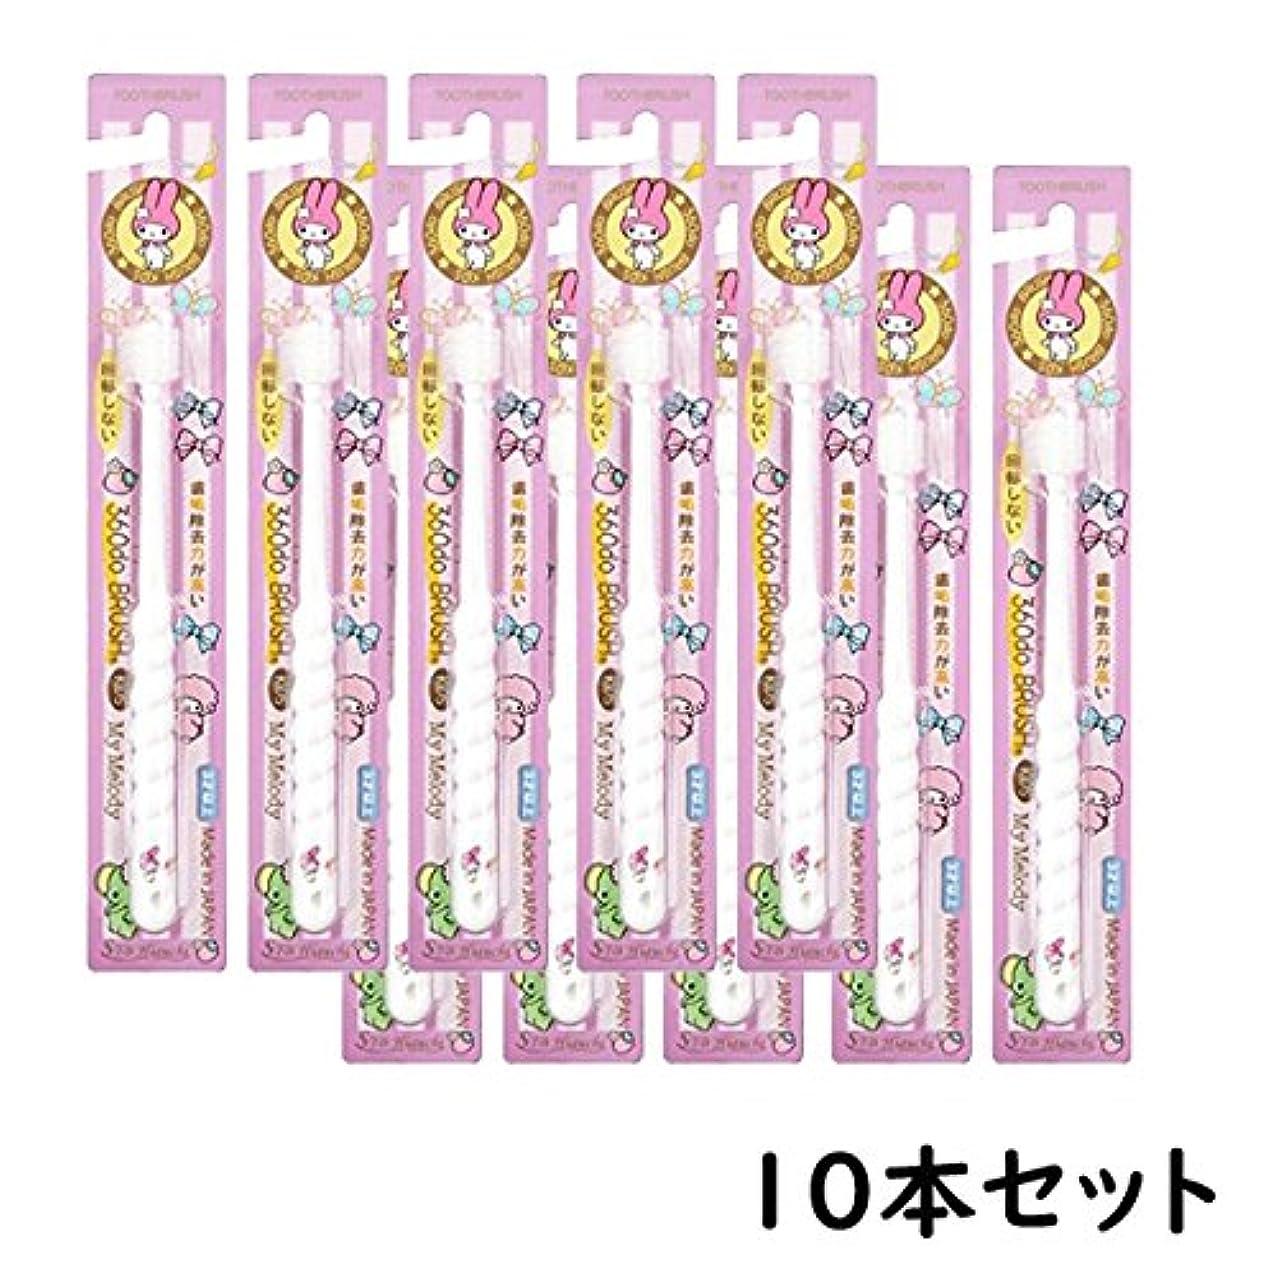 何かライド高度な360度歯ブラシ 360do BRUSH たんぽぽの種キッズ マイメロディ (10本)